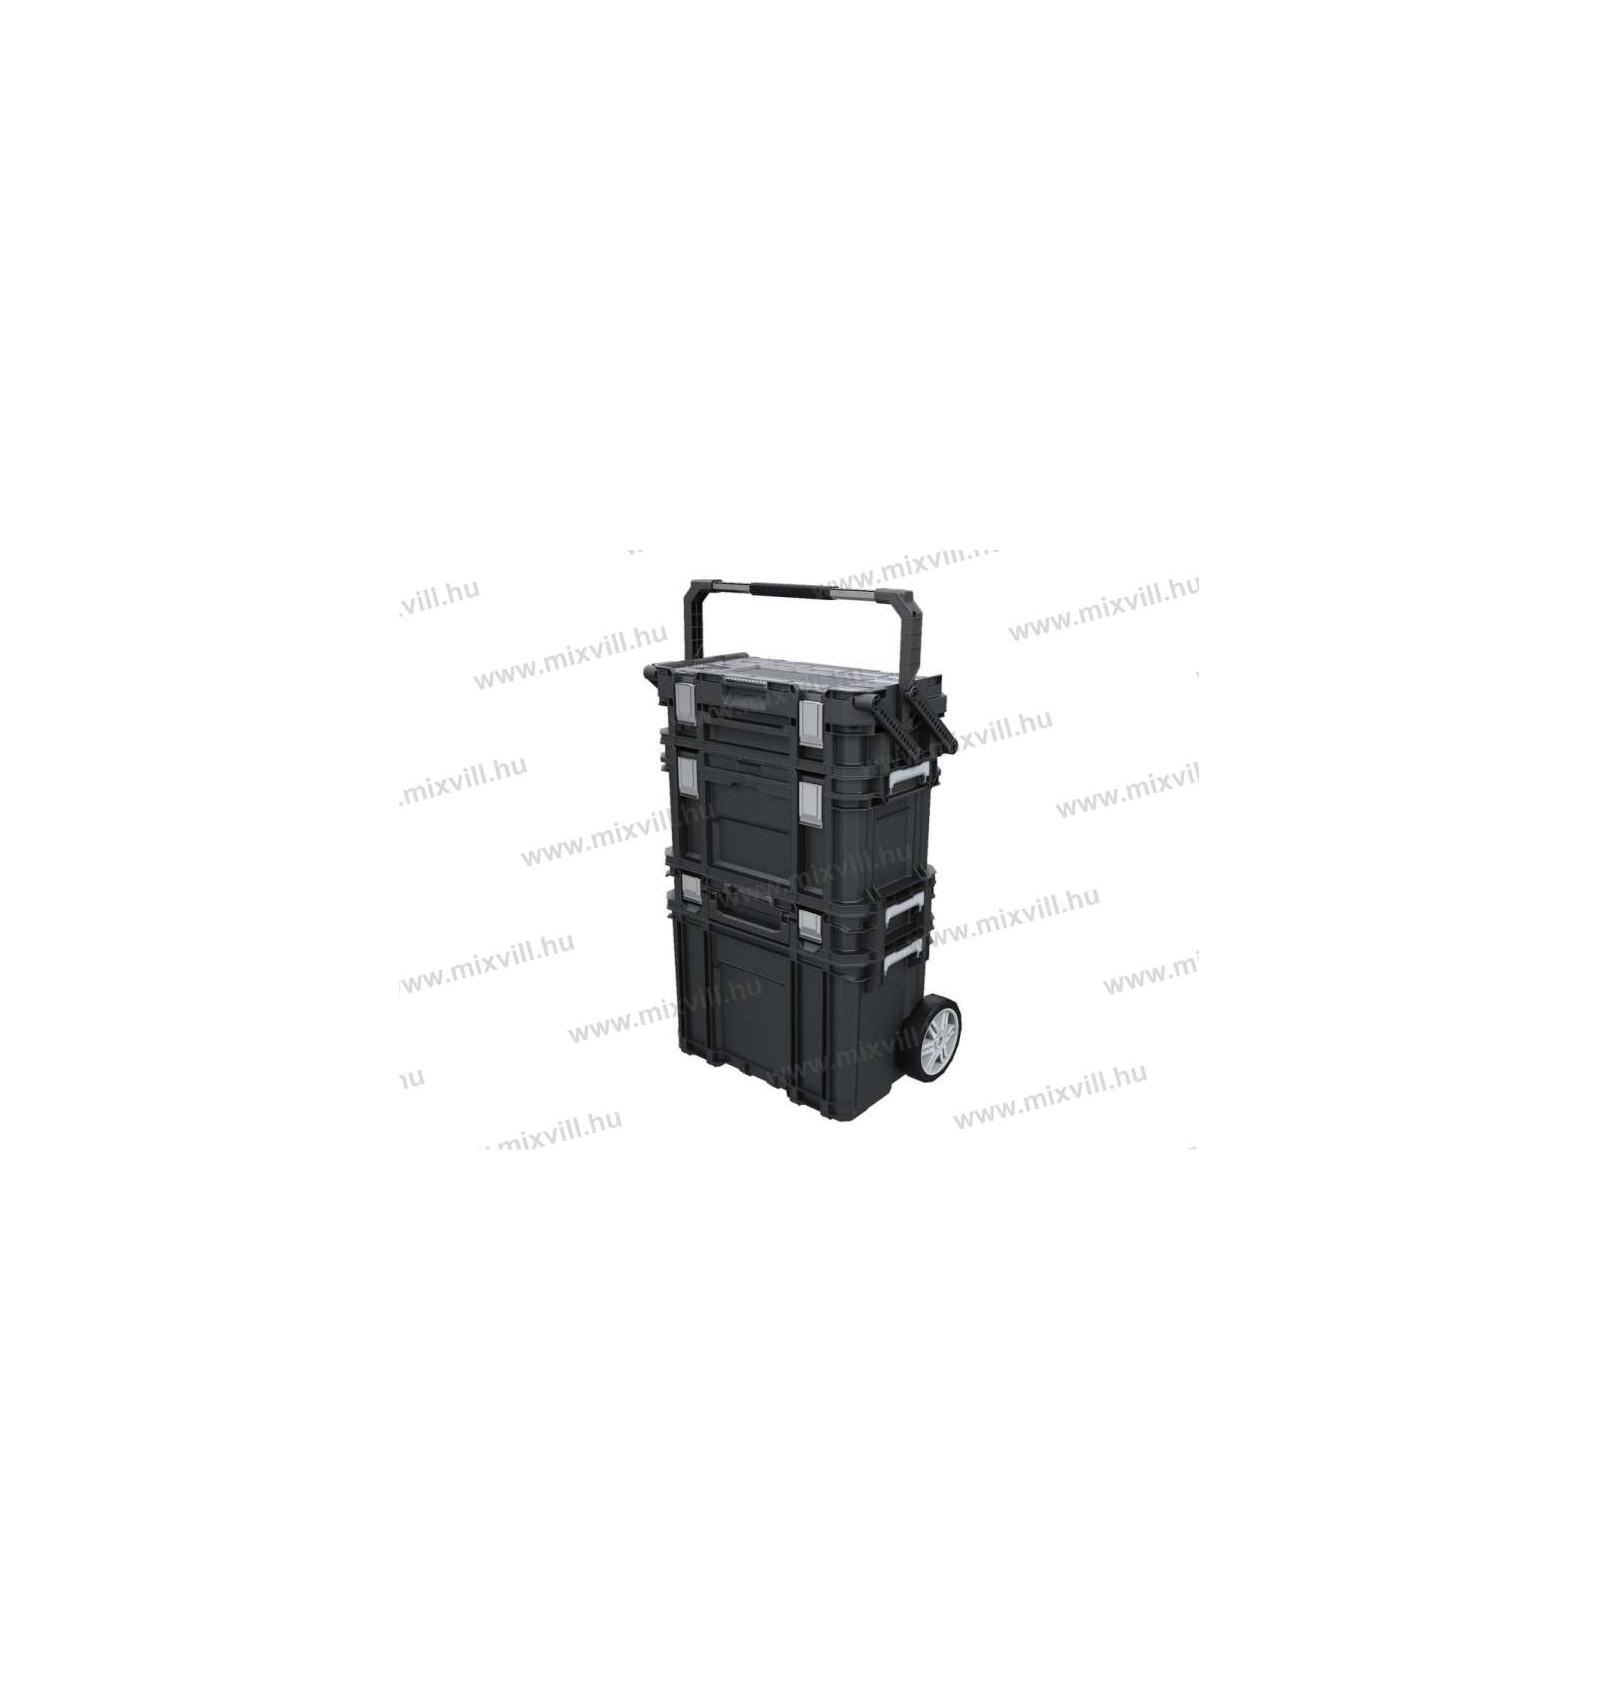 Keter-Connect-238273-gurulos-szerszamoslada-keszlet